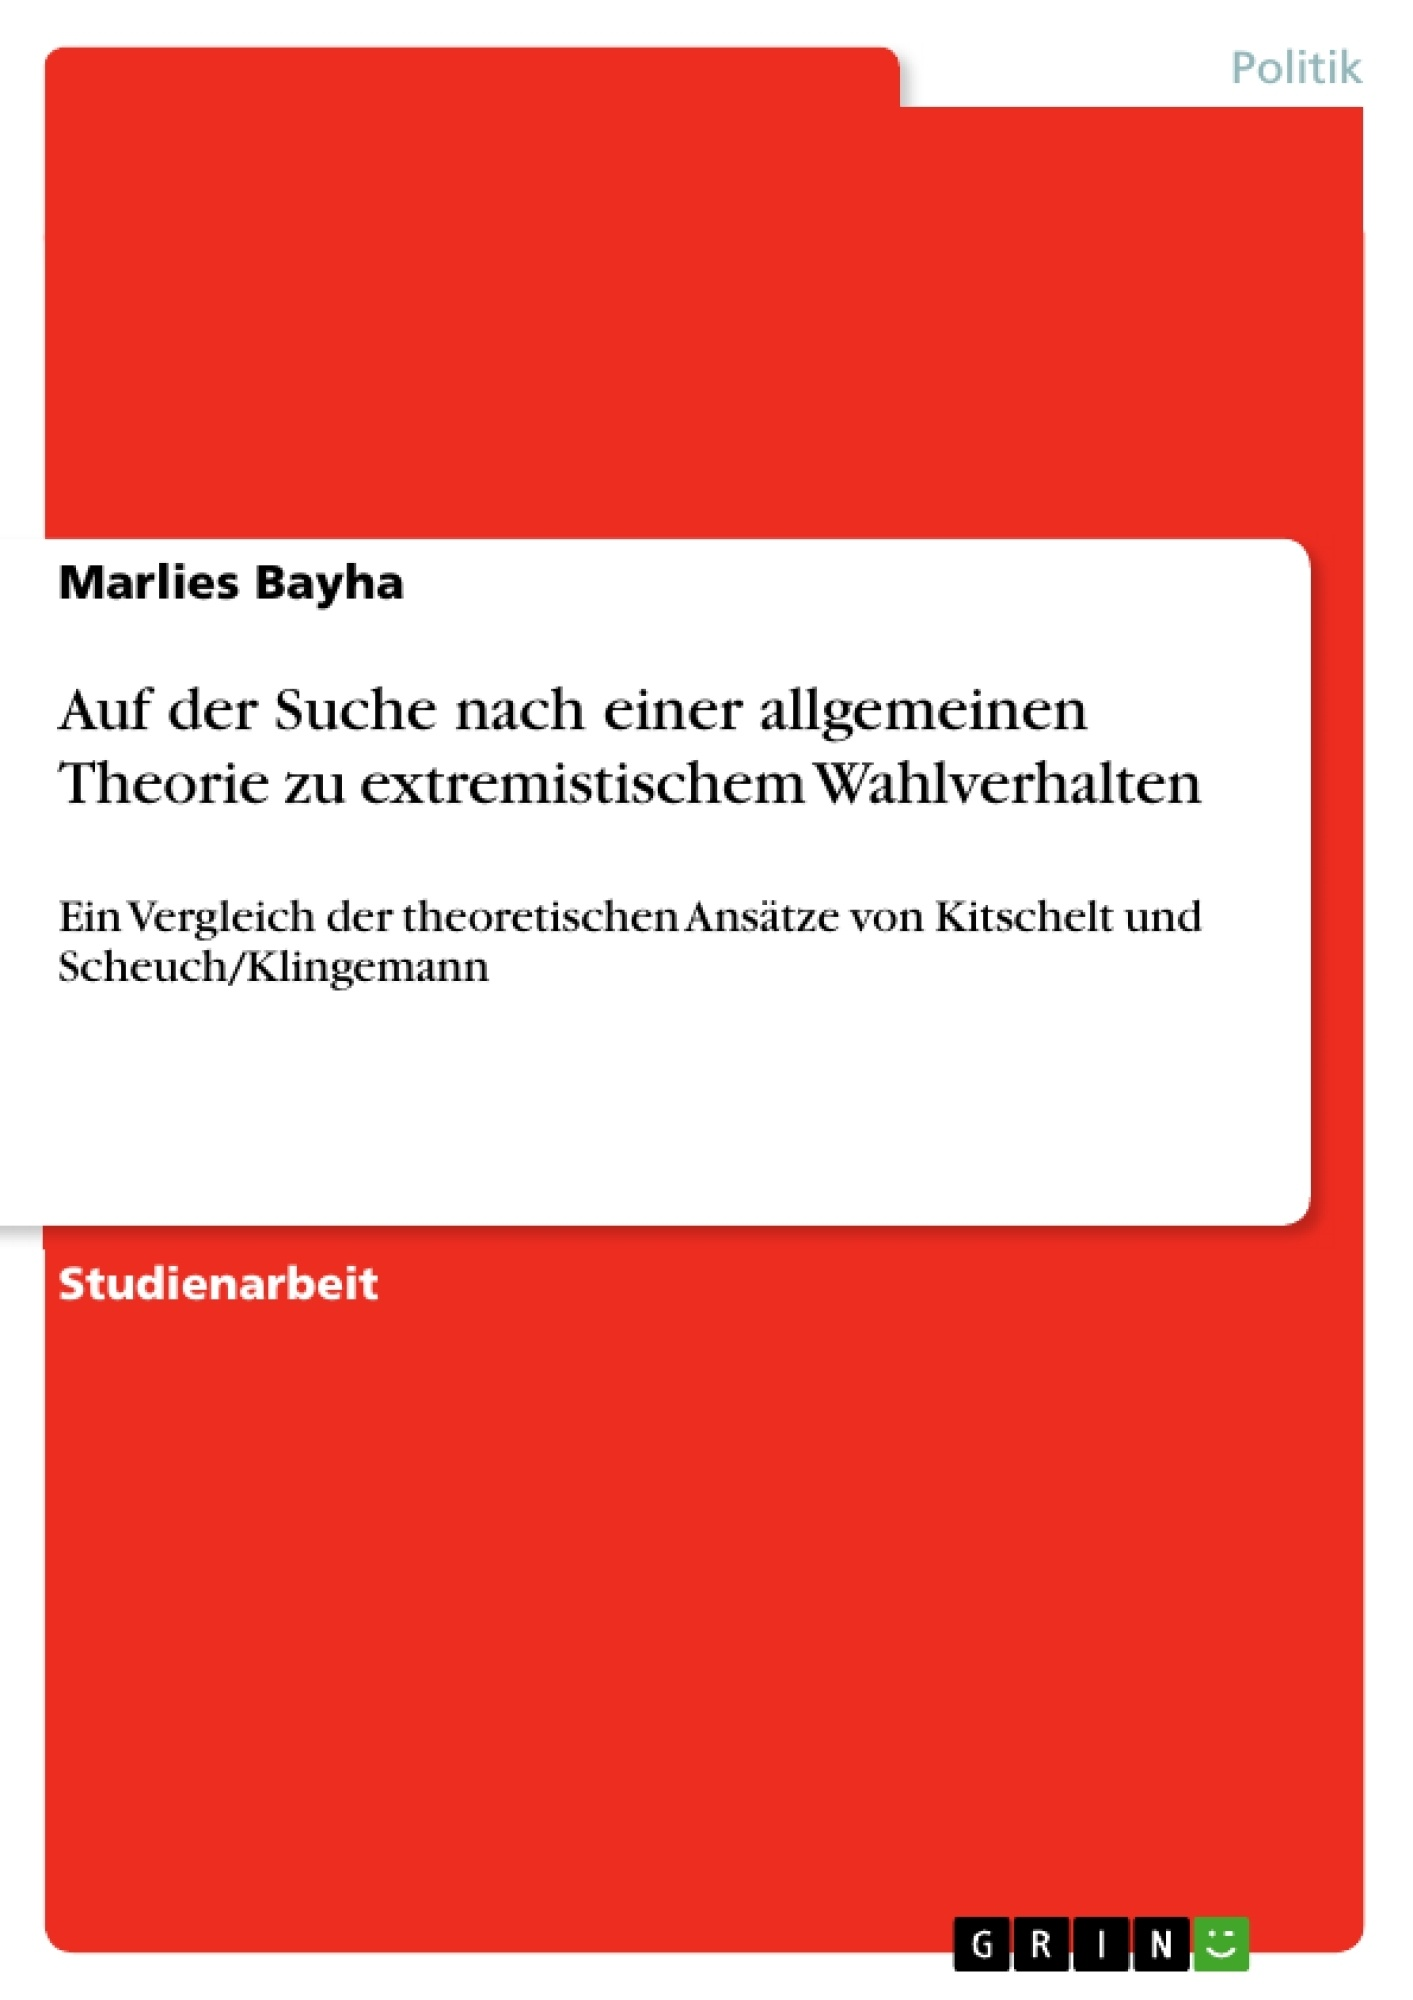 Titel: Auf der Suche nach einer allgemeinen Theorie zu extremistischem Wahlverhalten